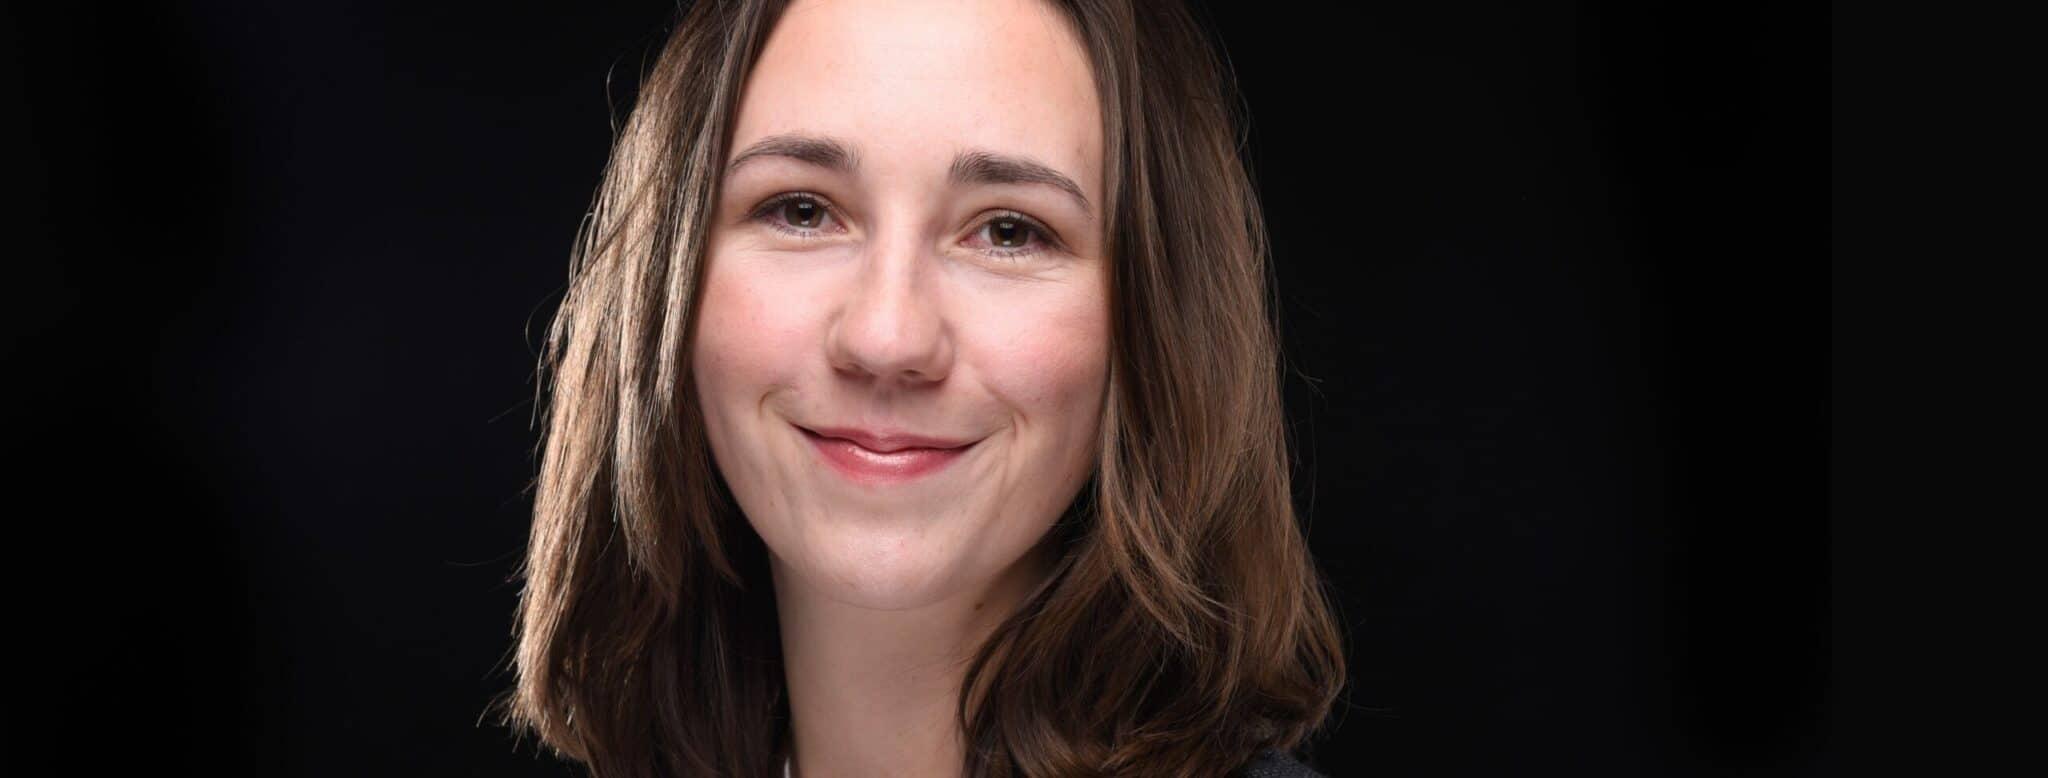 Antoinette Flemming hat eine Masterarbeit zum Content Personalmarketing geschrieben